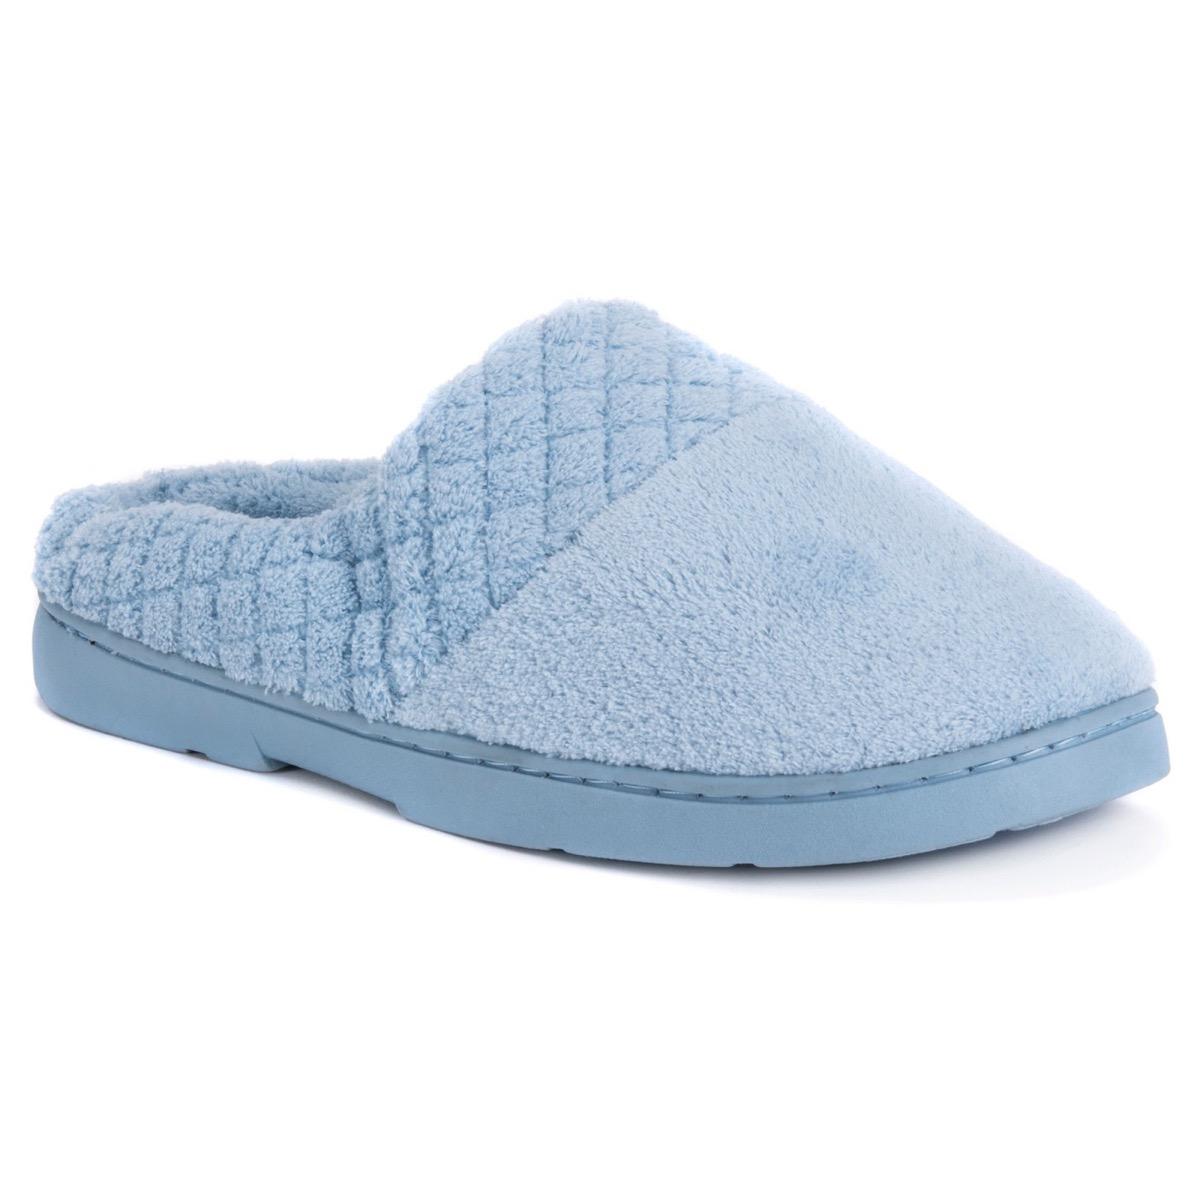 Fuzzy Slippers {Target Winter Essentials}